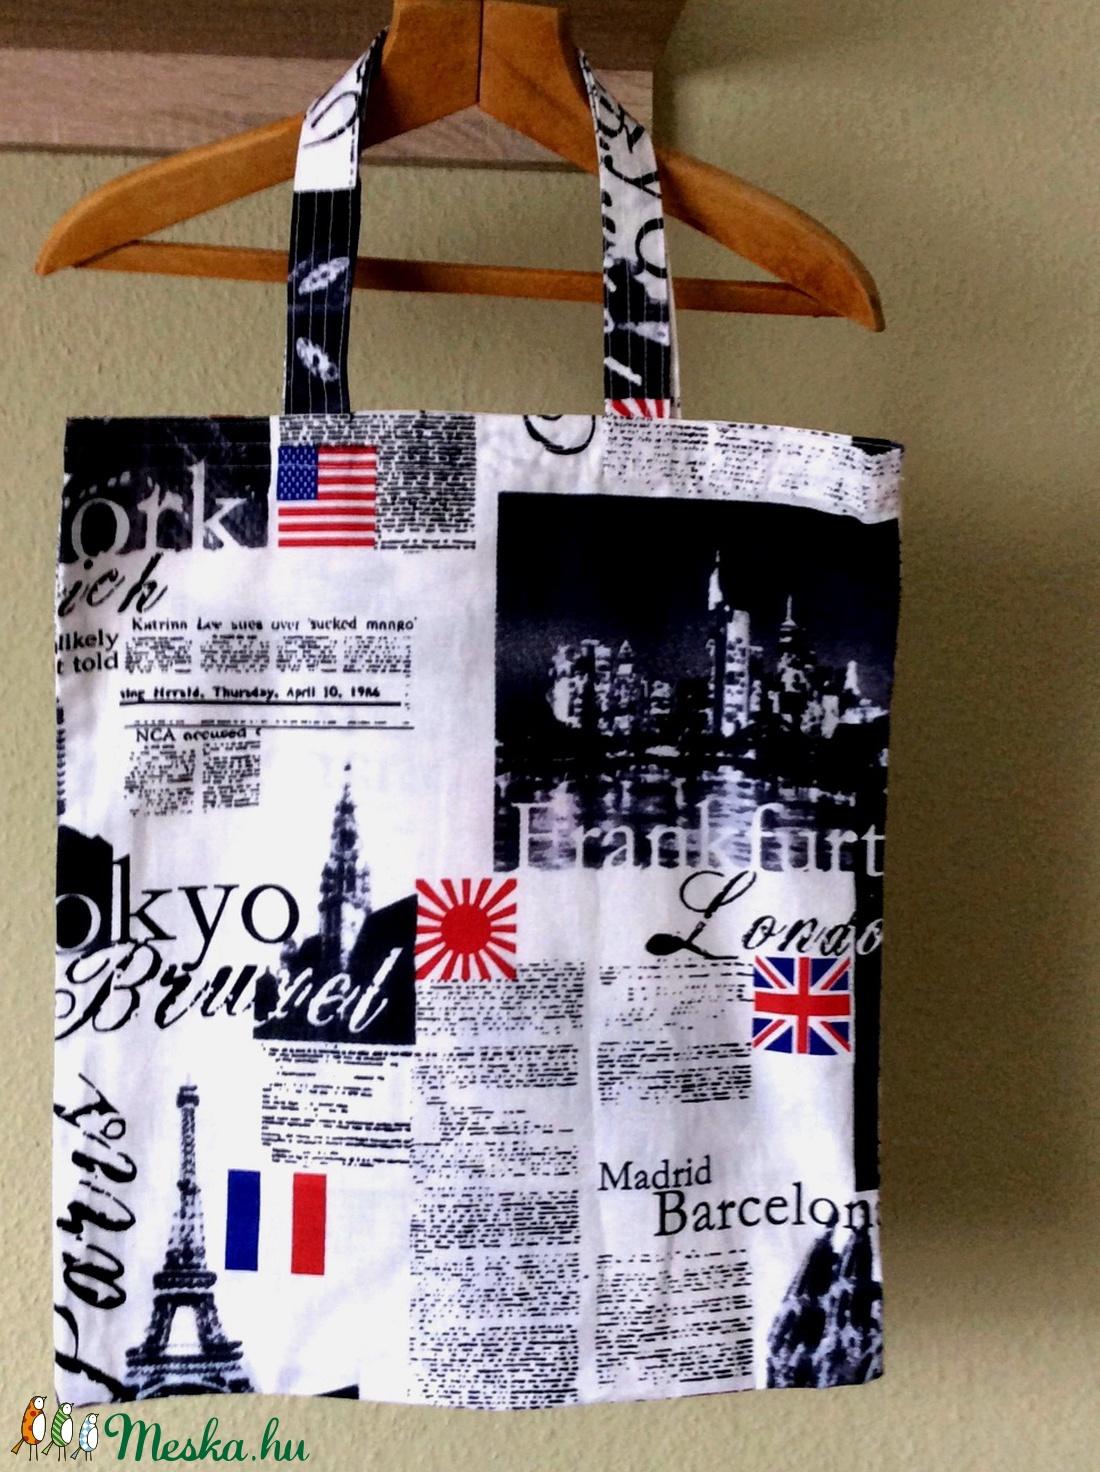 Feliratos, képekkel mintázott szatyor - táska & tok - bevásárlás & shopper táska - shopper, textiltáska, szatyor - Meska.hu